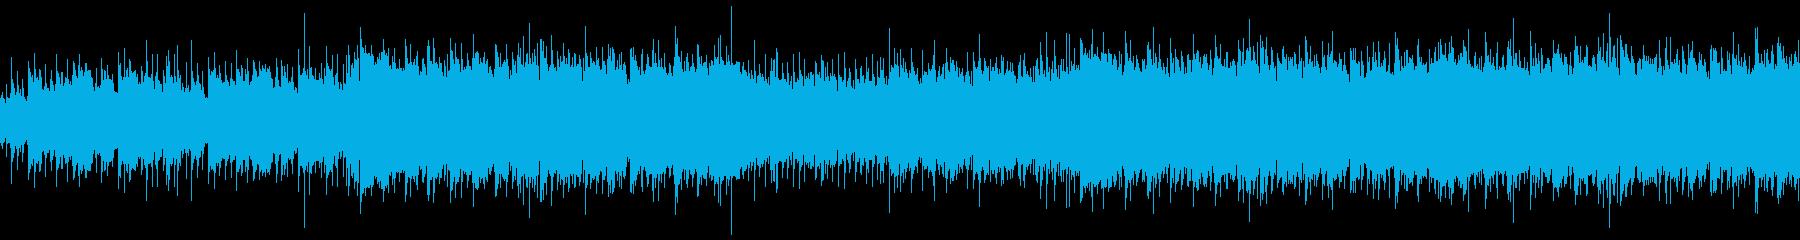 穏やかな企業VP・ほのぼのアコギ曲の再生済みの波形